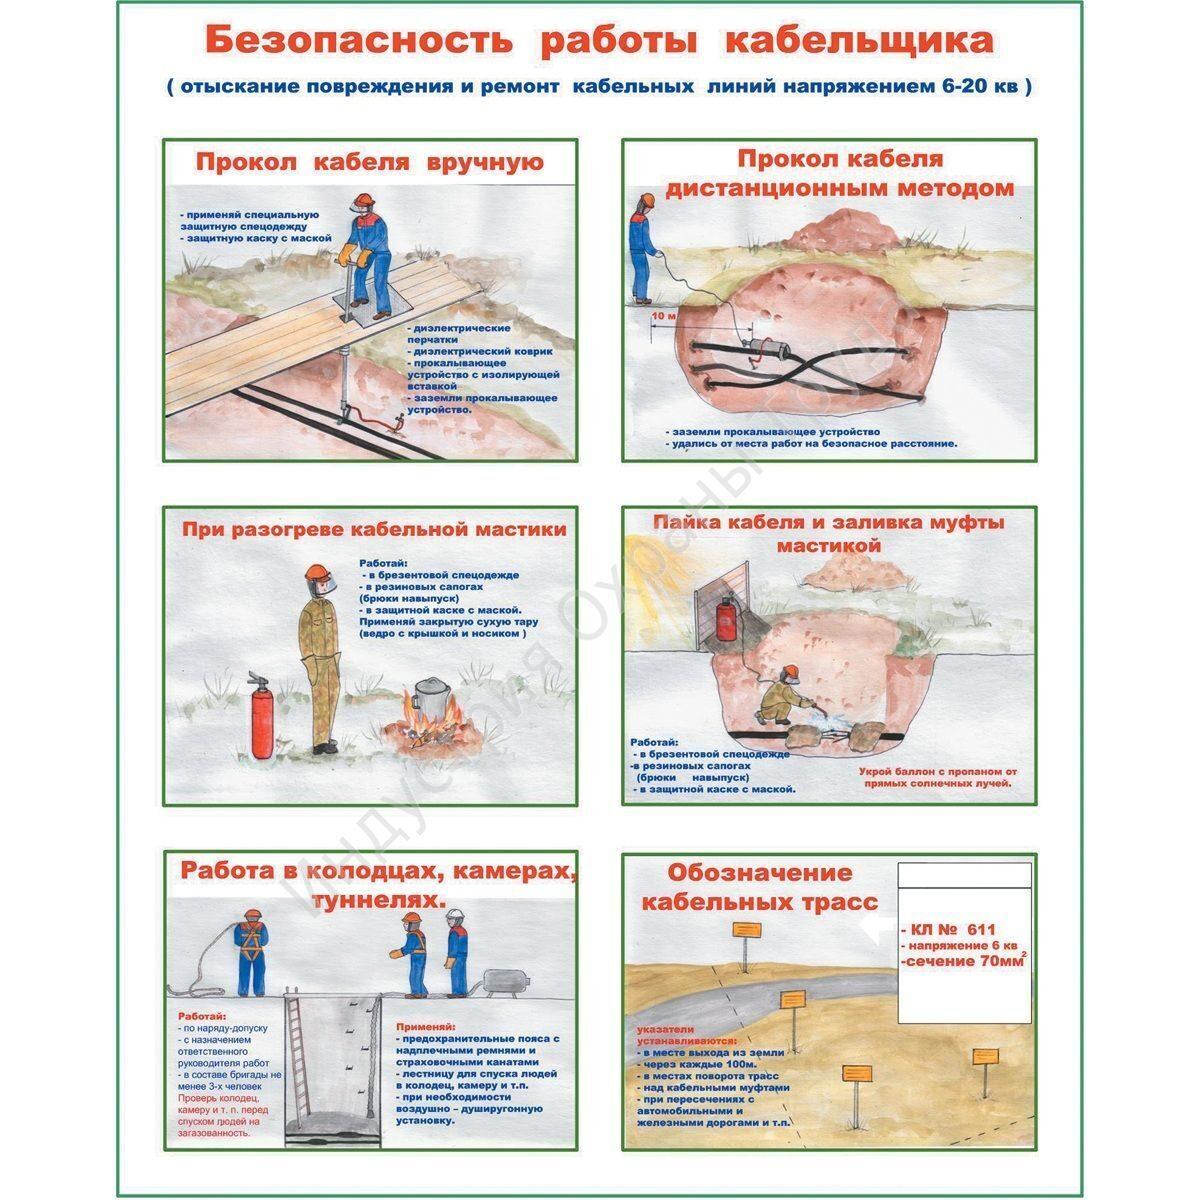 схема для отысканиея повркждения каюеля